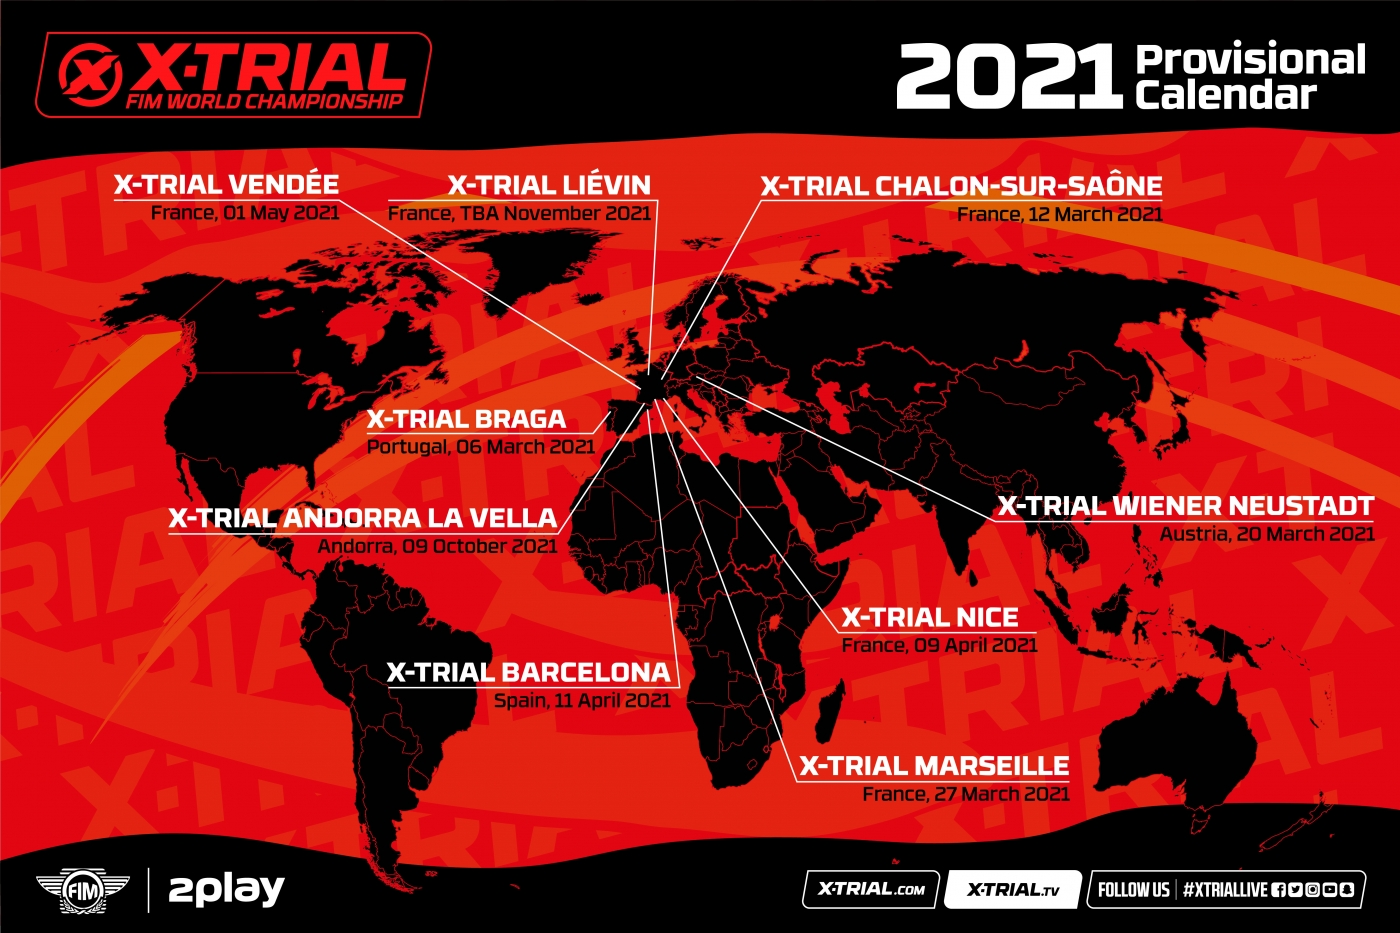 Calendrier Trial 2021 Calendrier provisoire 2021 du Championnat du Monde FIM X Trial